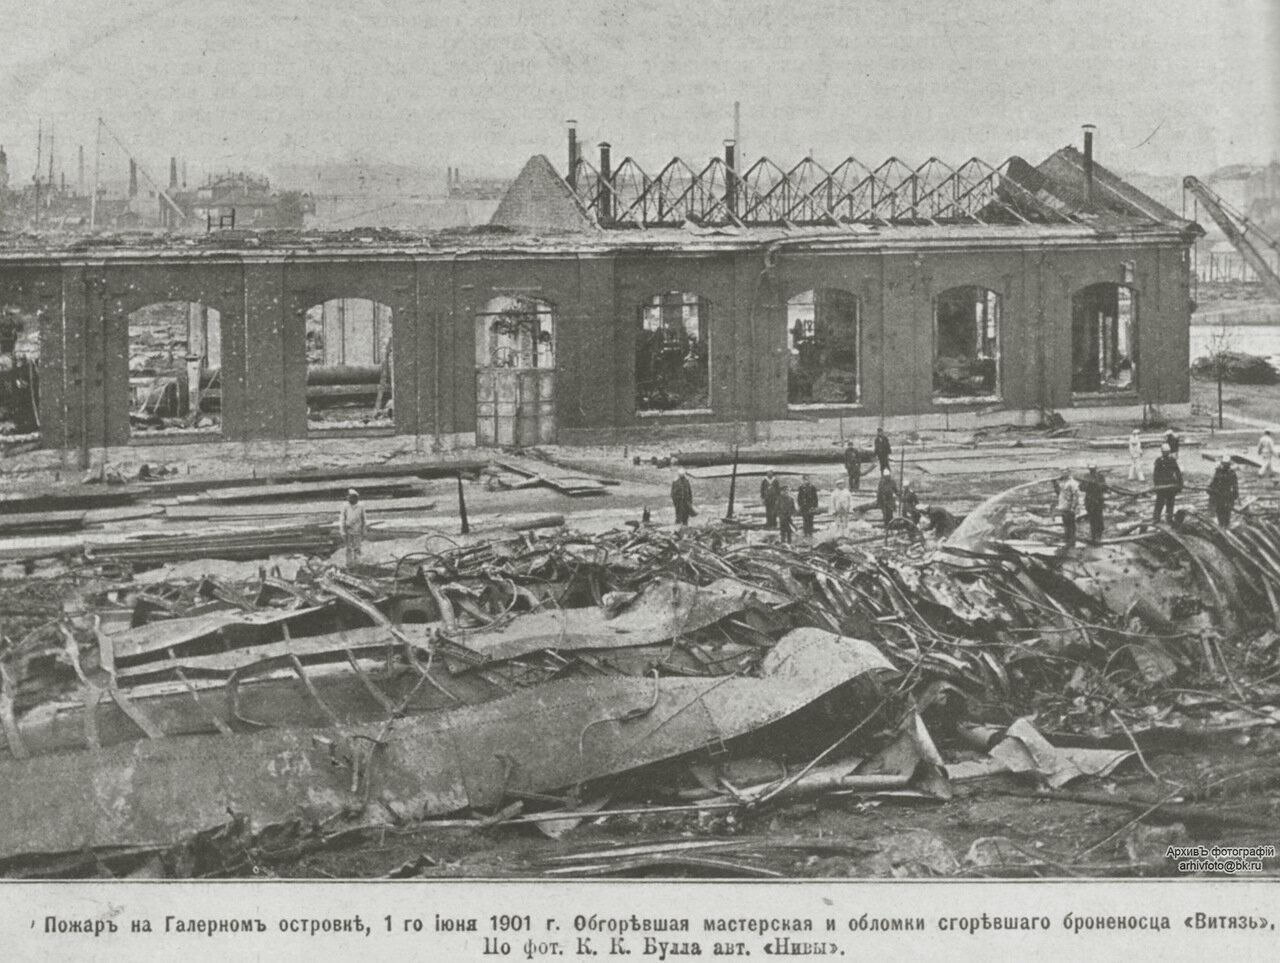 Пожаръ на Галерномъ островкѣ, 1 го іюня 1901 г. Обгорѣвшая мастерская и обломки сгорѣвшего броненосца «Витязь».